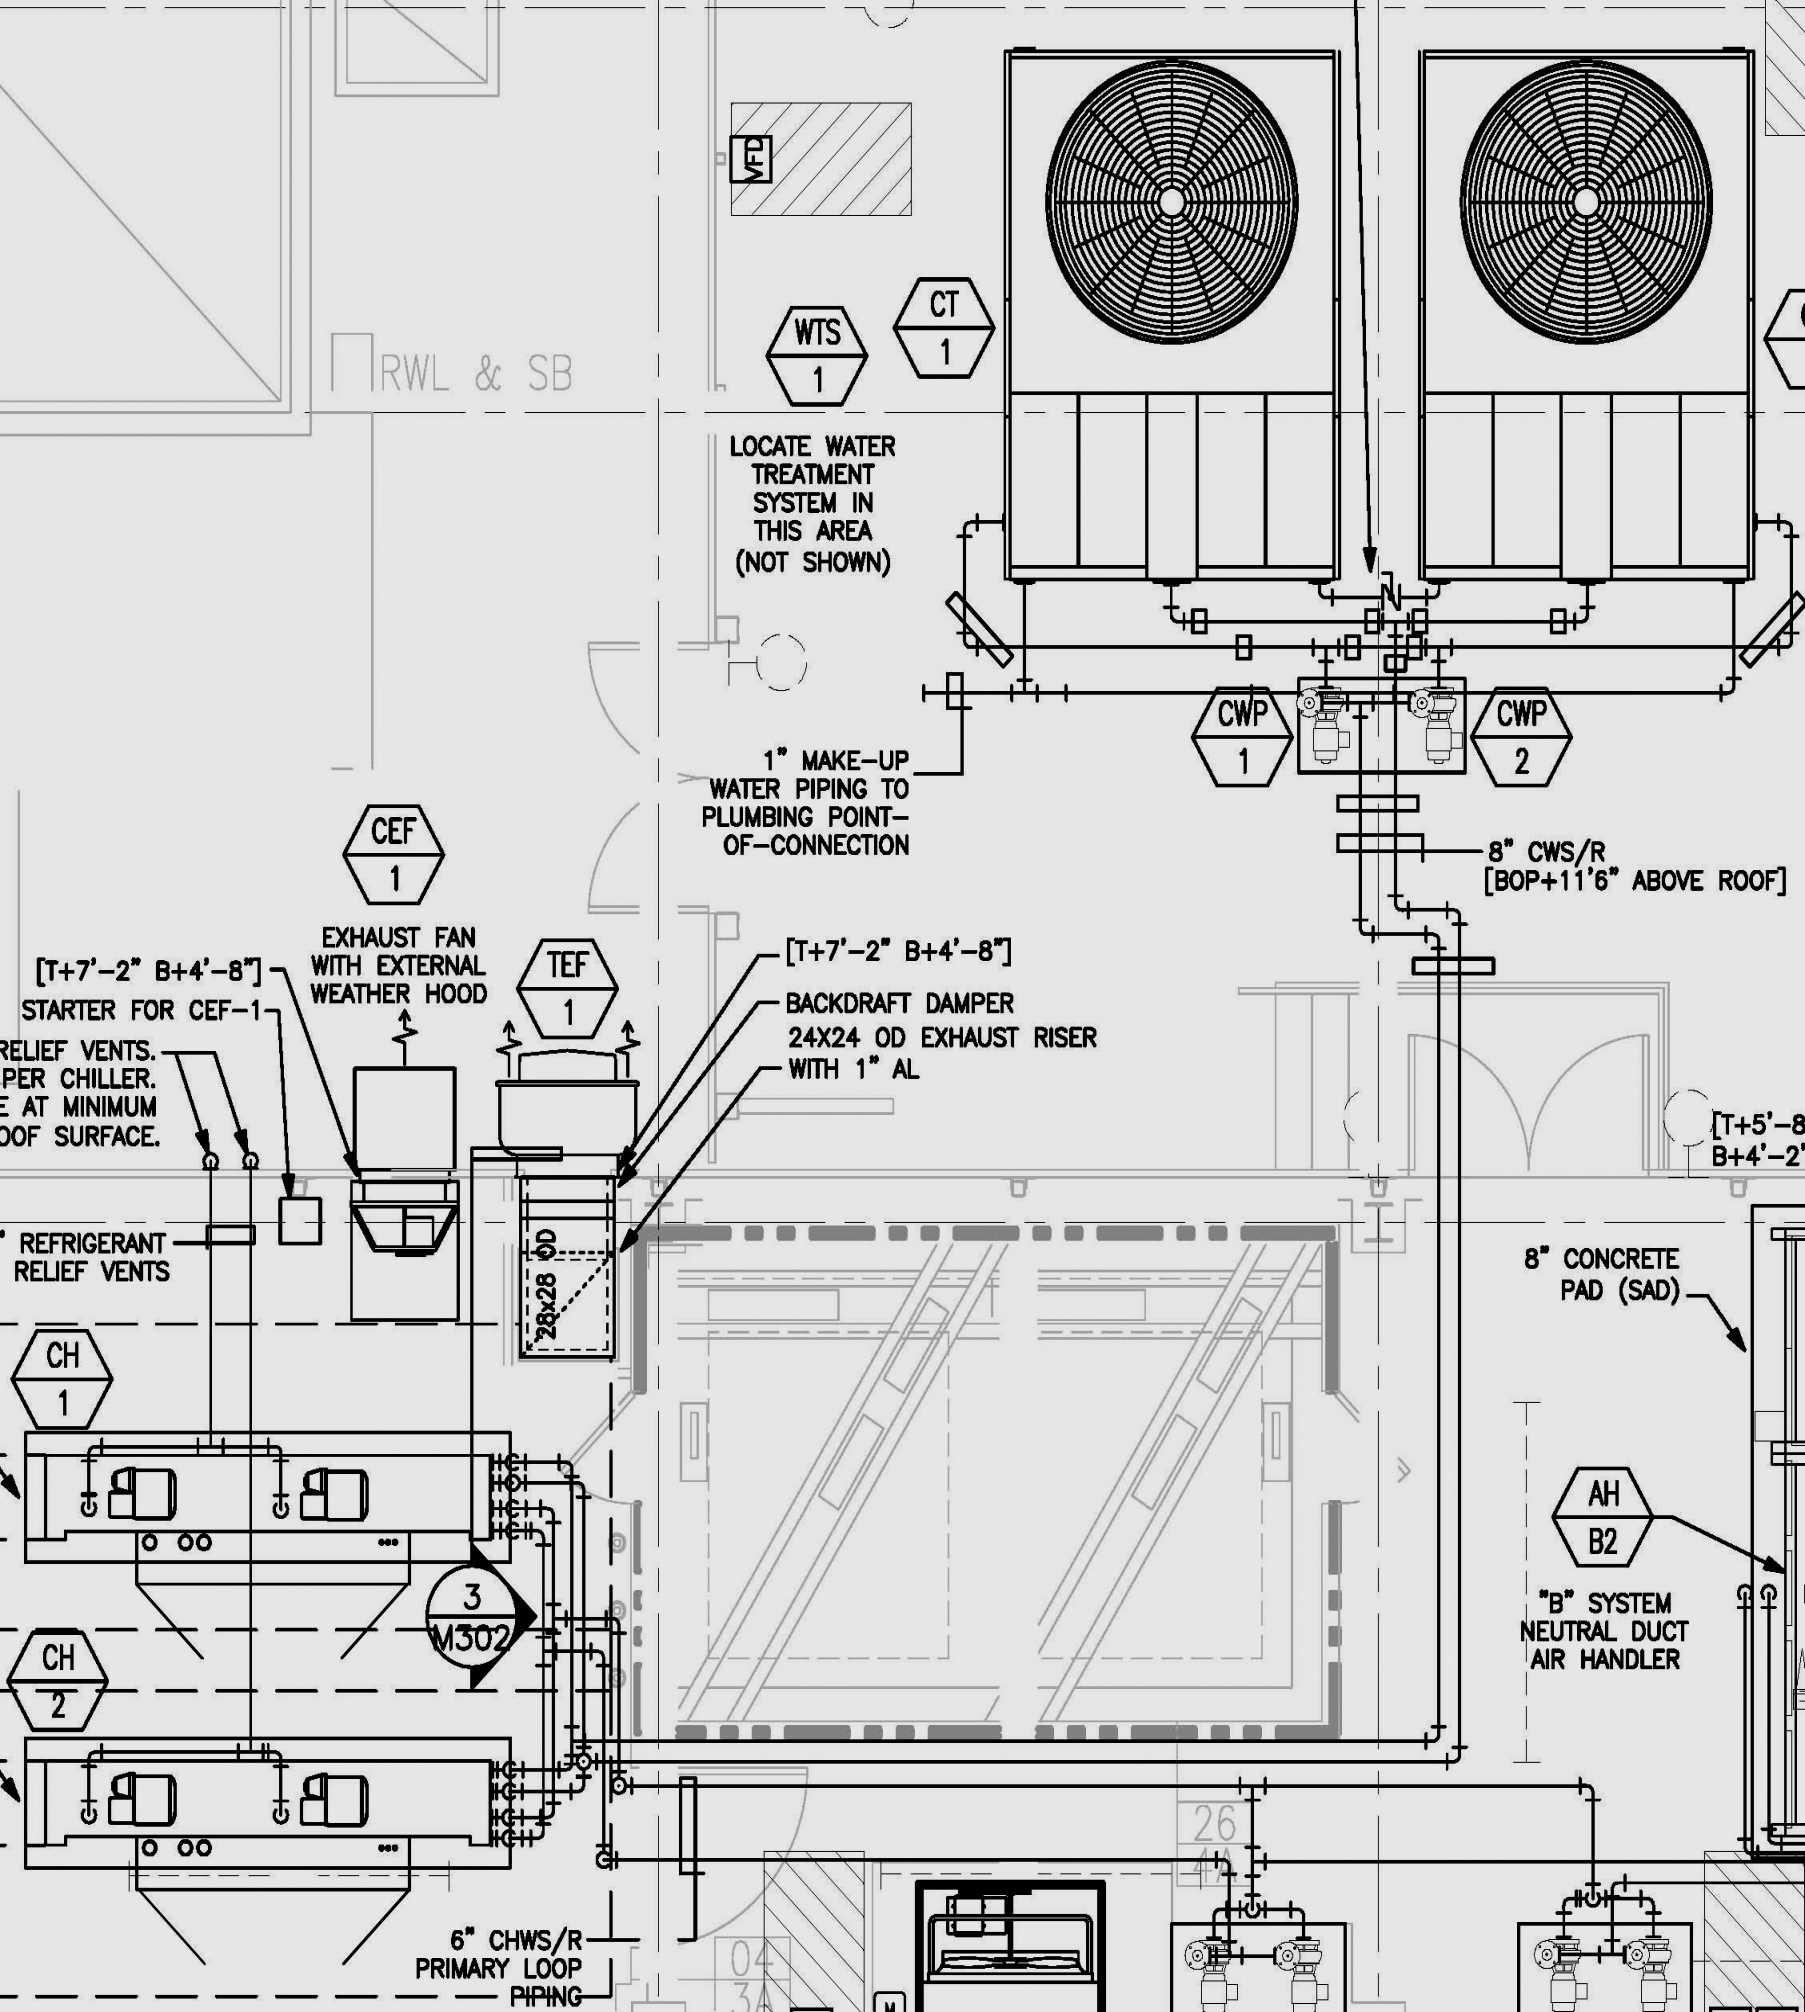 Diagram Of Car Wiring Ingersoll Rand Club Car Wiring Diagram Wiring Diagrams Of Diagram Of Car Wiring